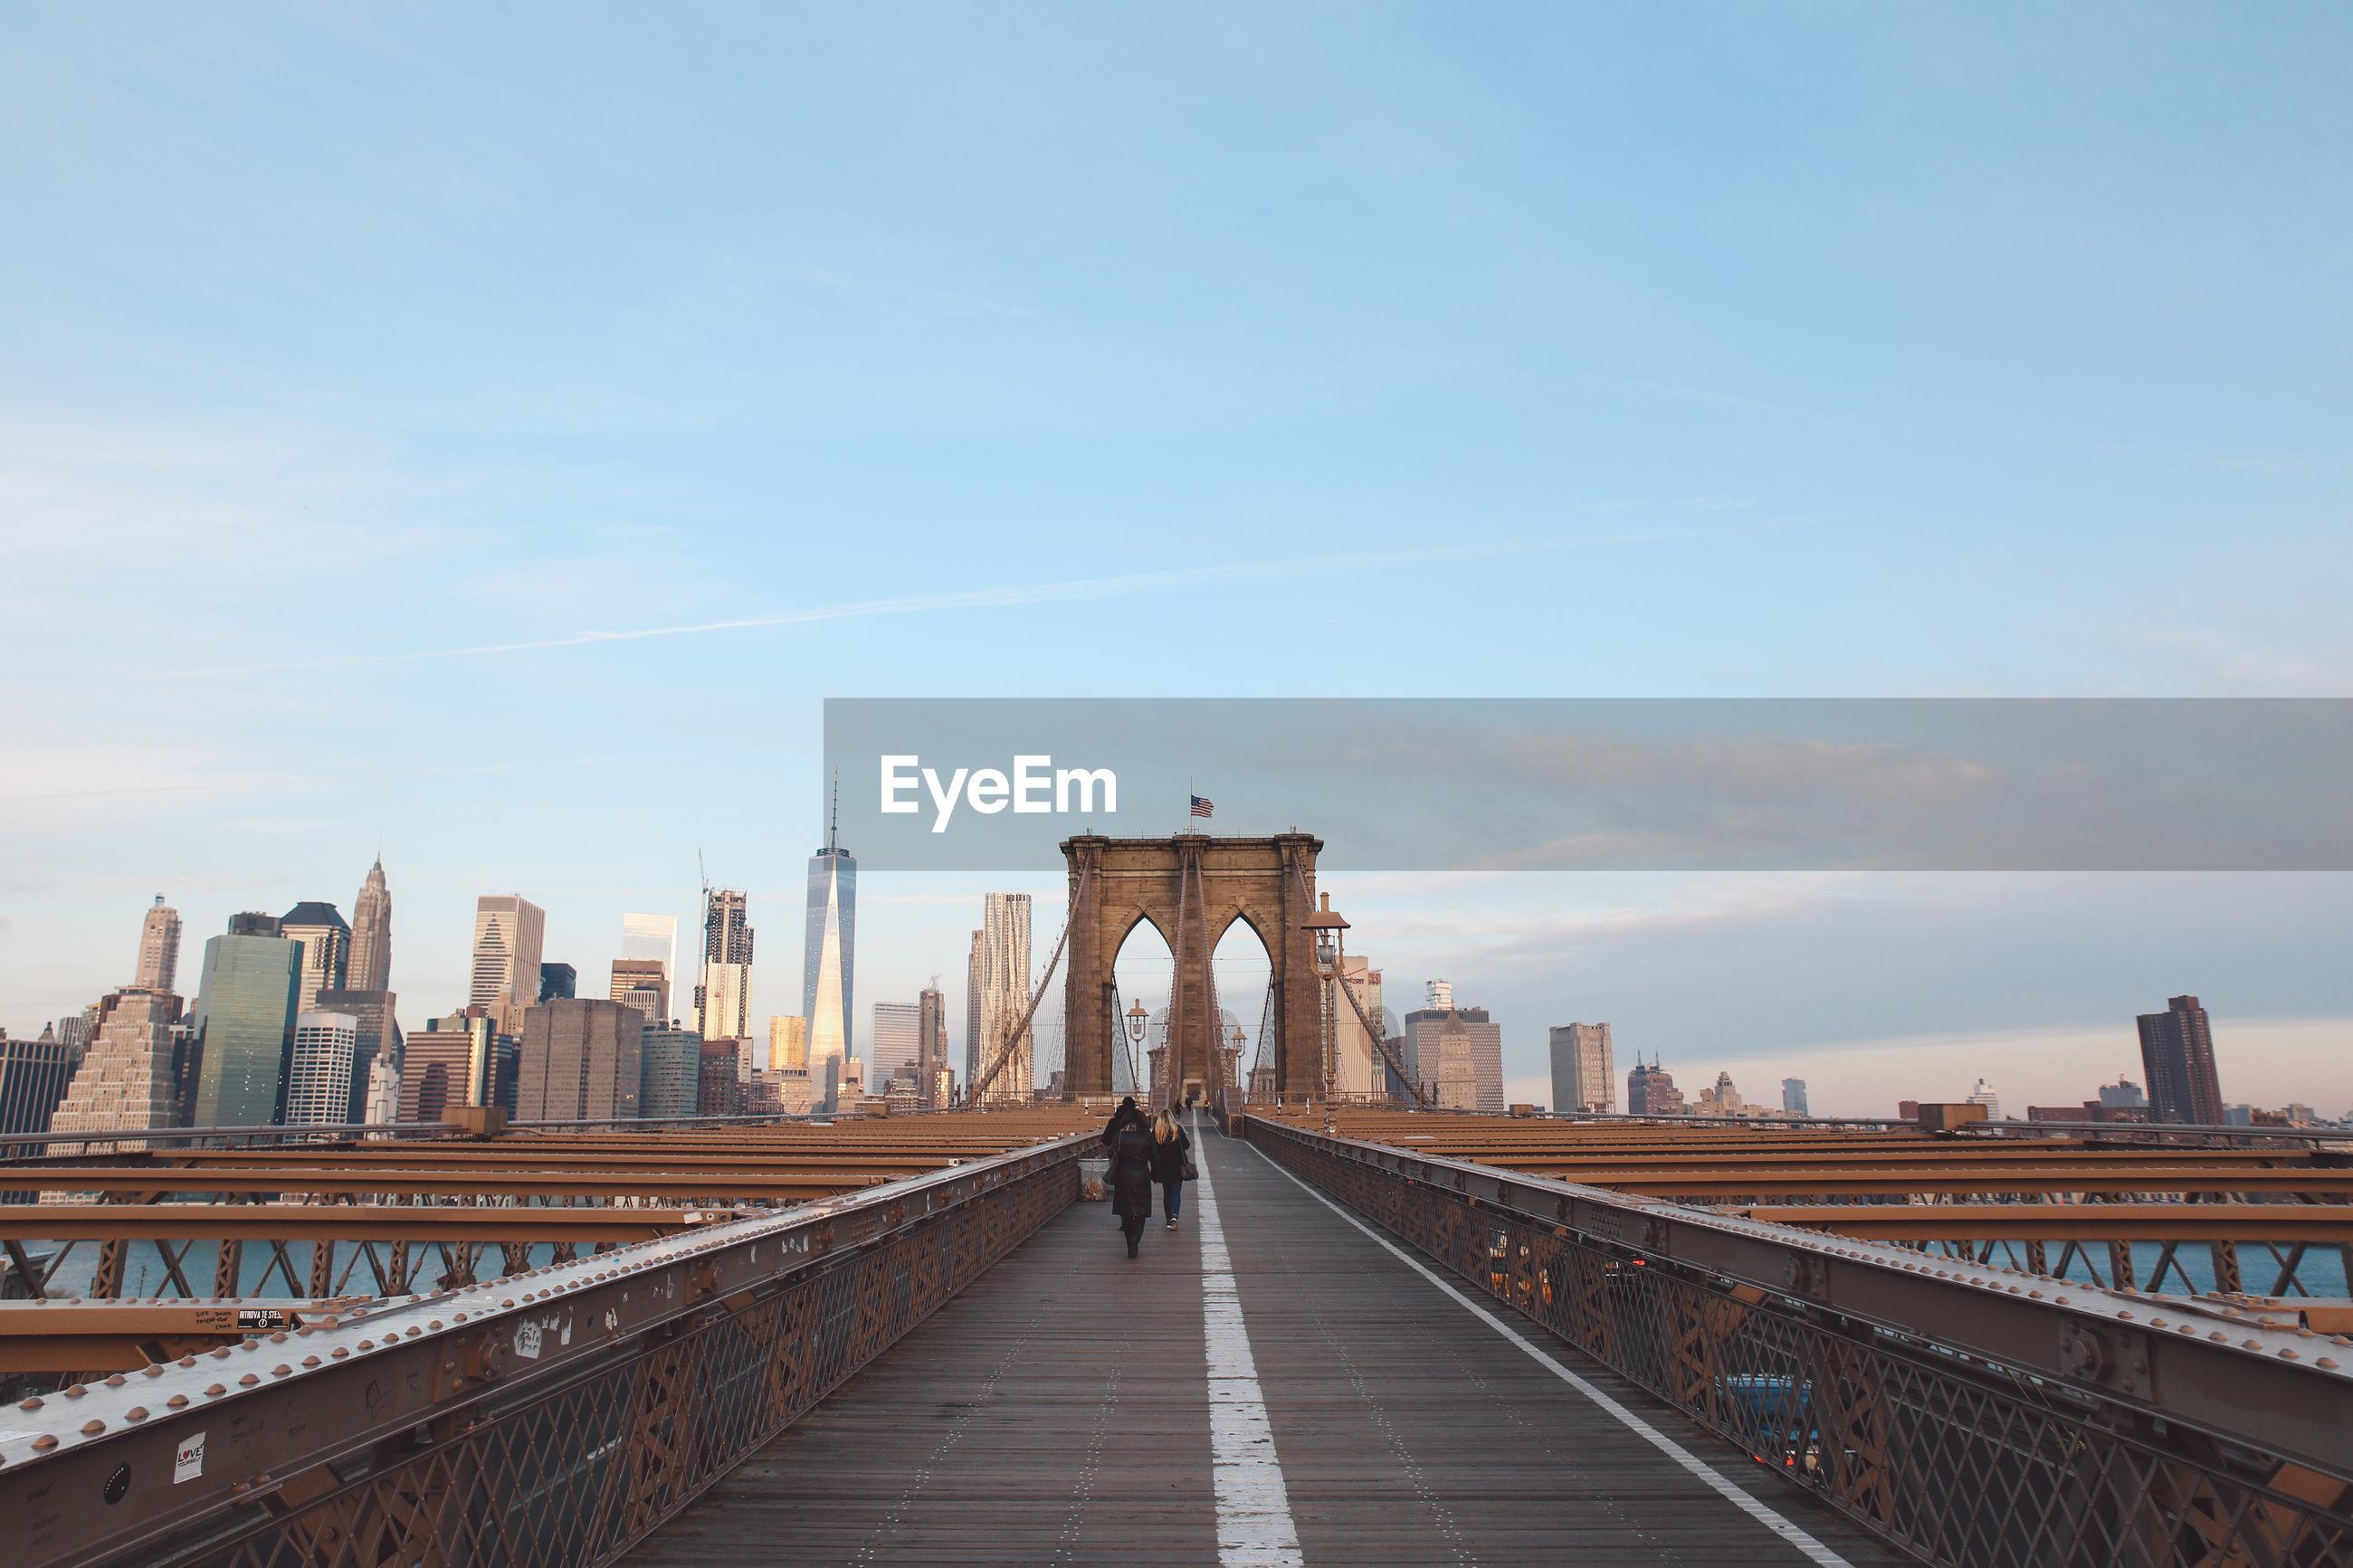 People walking on brooklyn bridge against sky in city